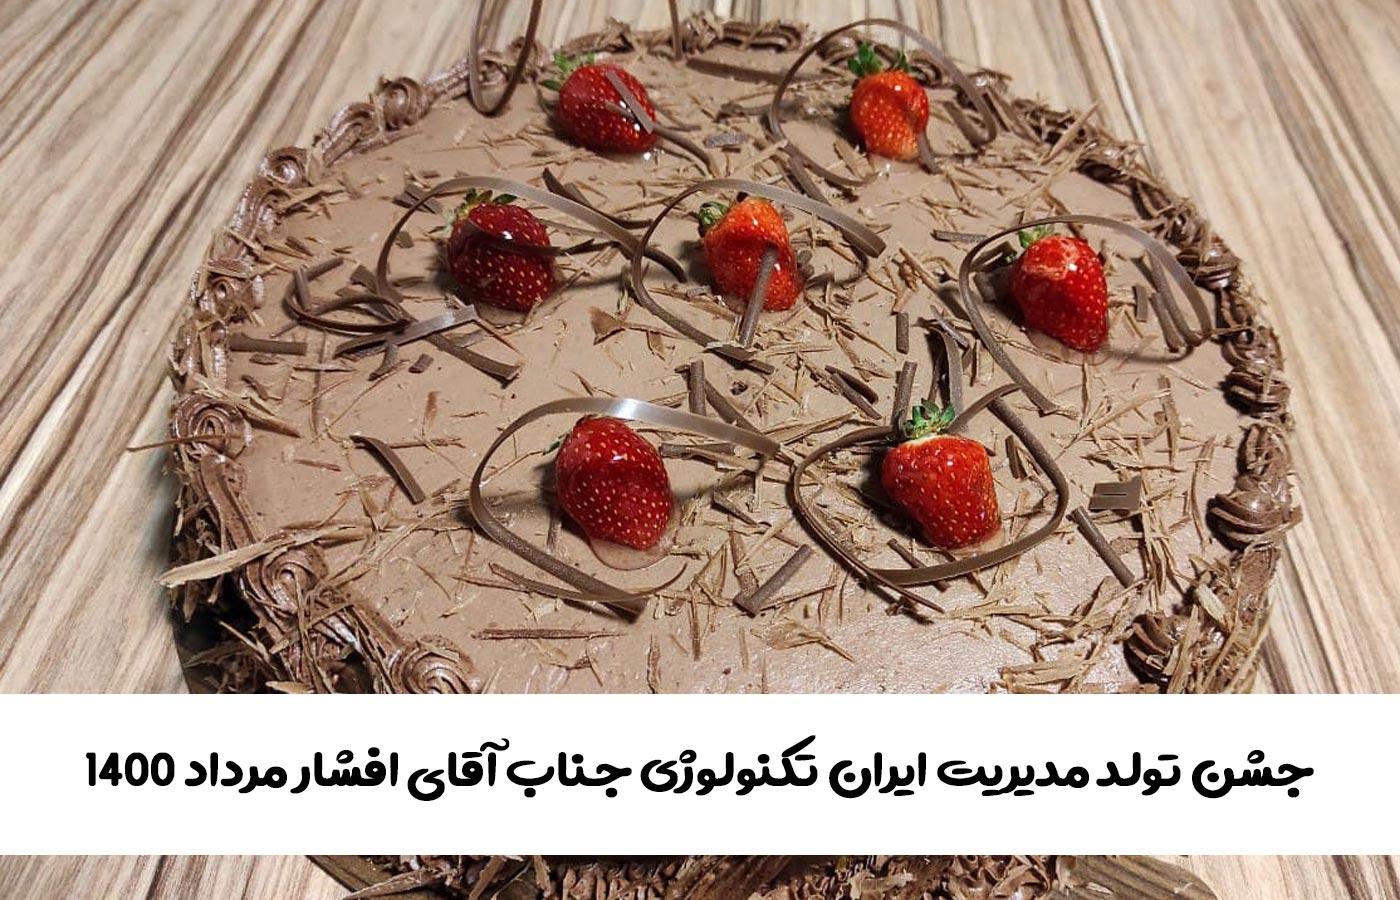 جشن تولد مدیریت ایران تکنولوژی جناب آقای افشار مرداد 1400